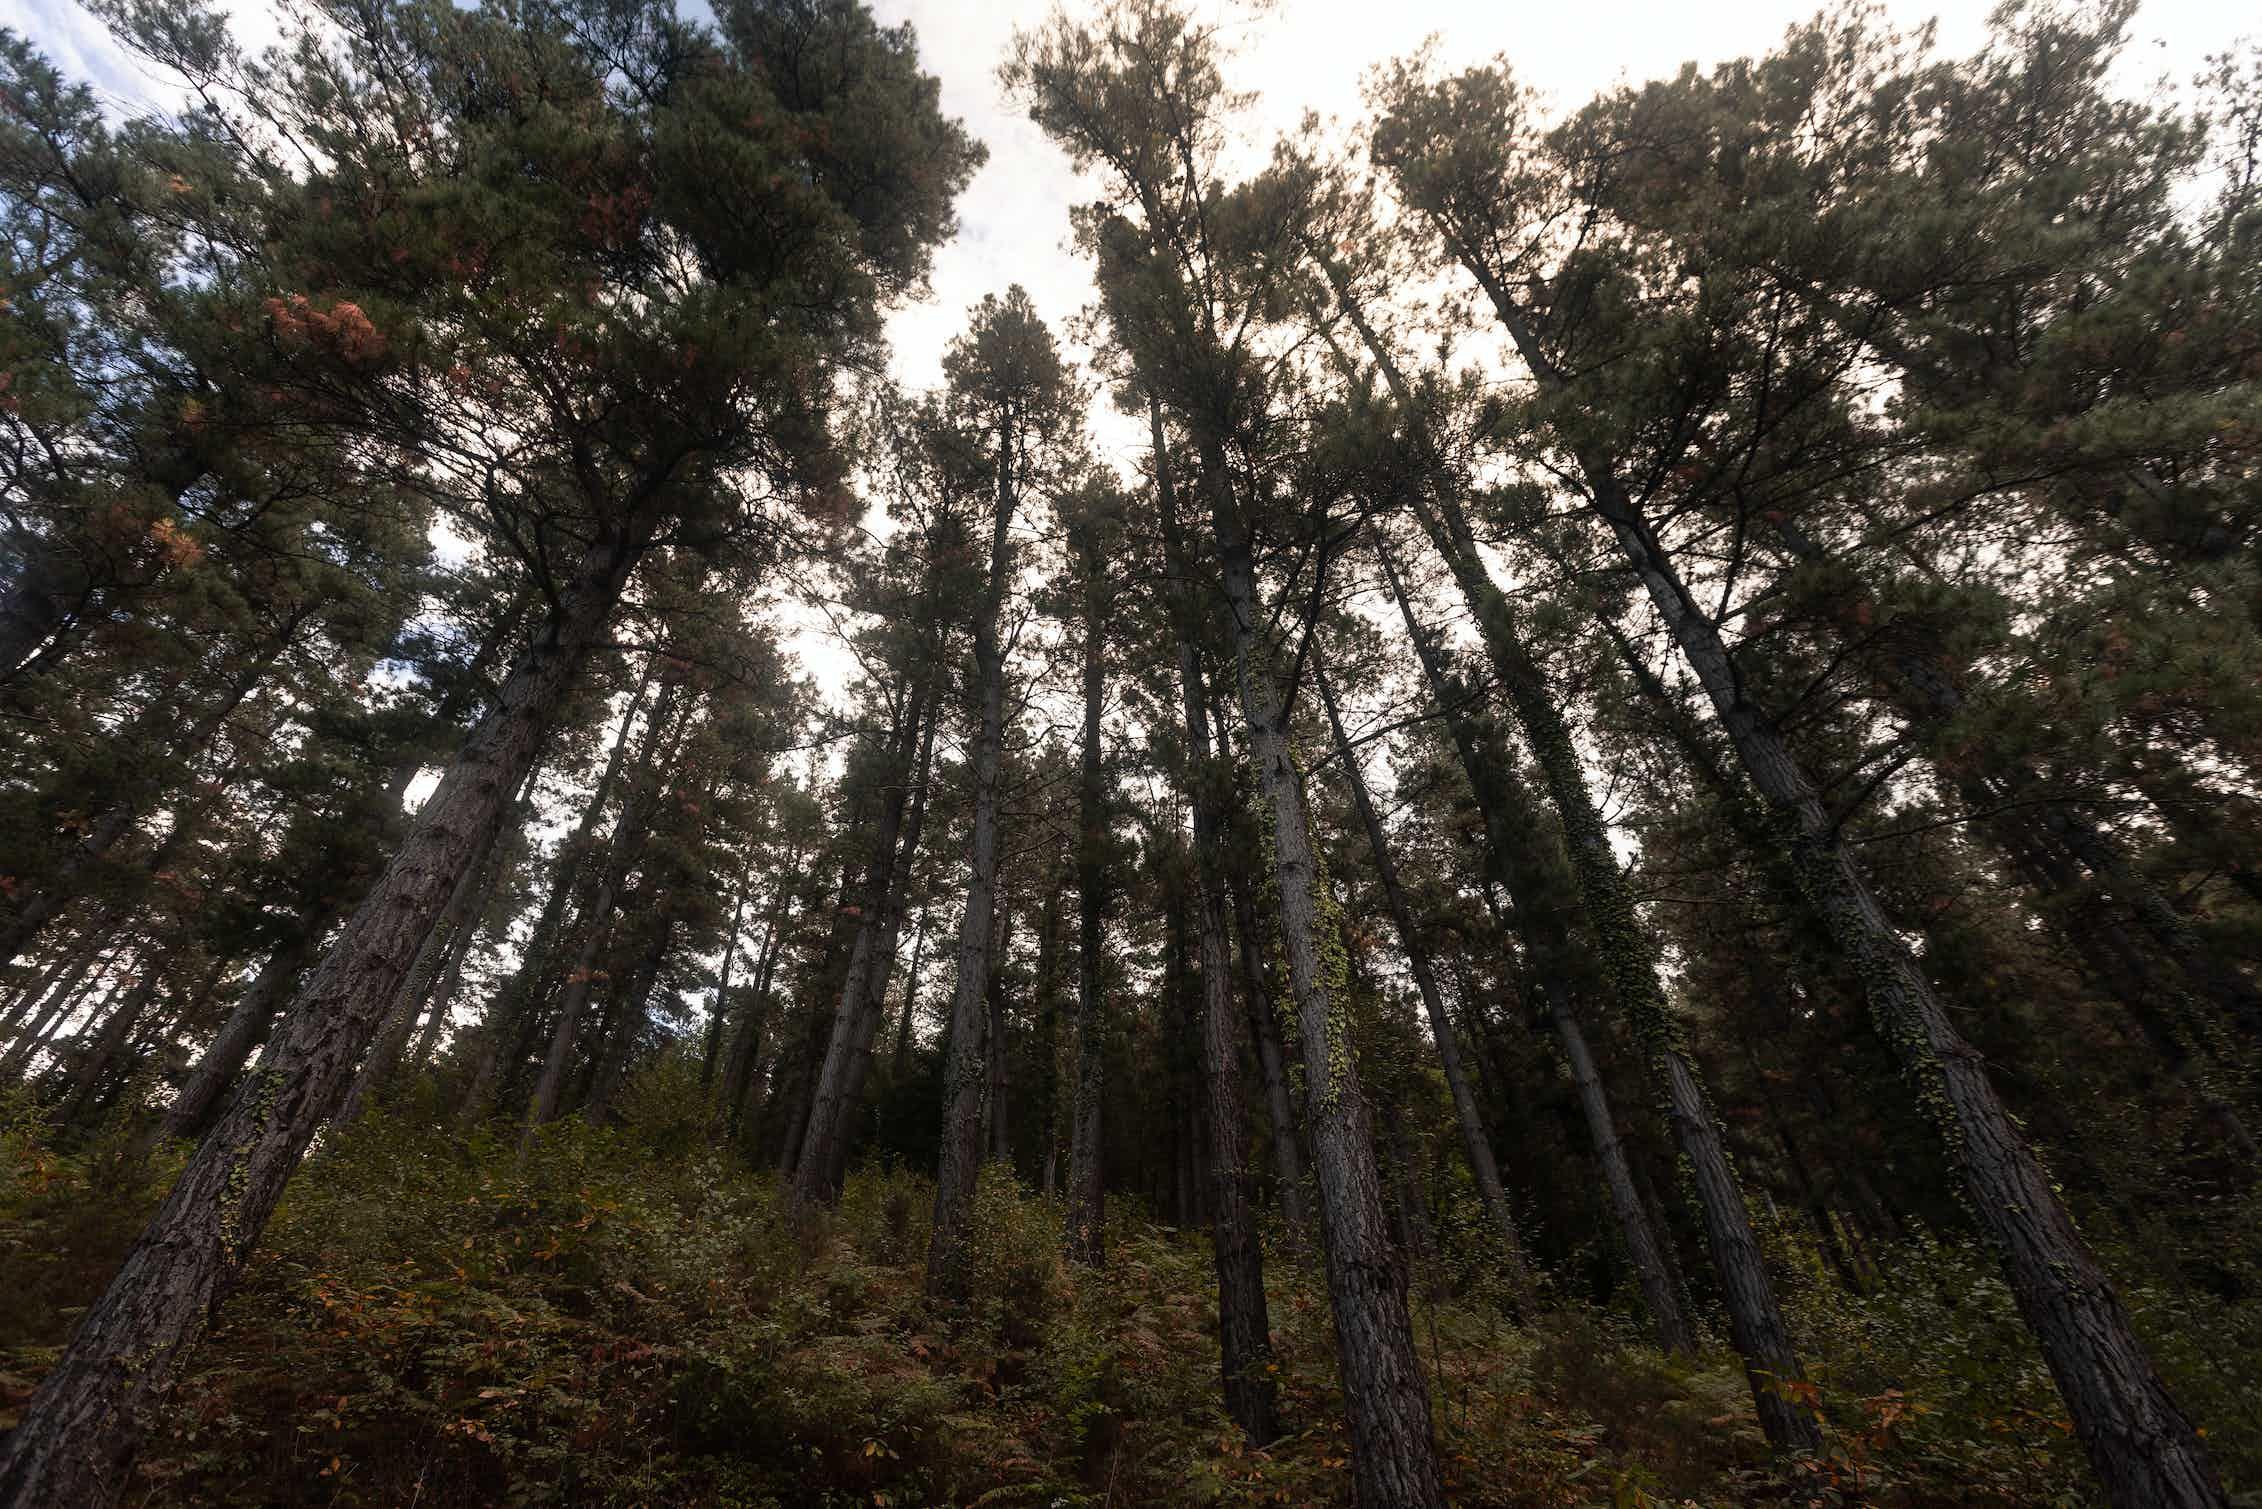 Bosque de pinos en el País Vasco.Jorge Argazkiak